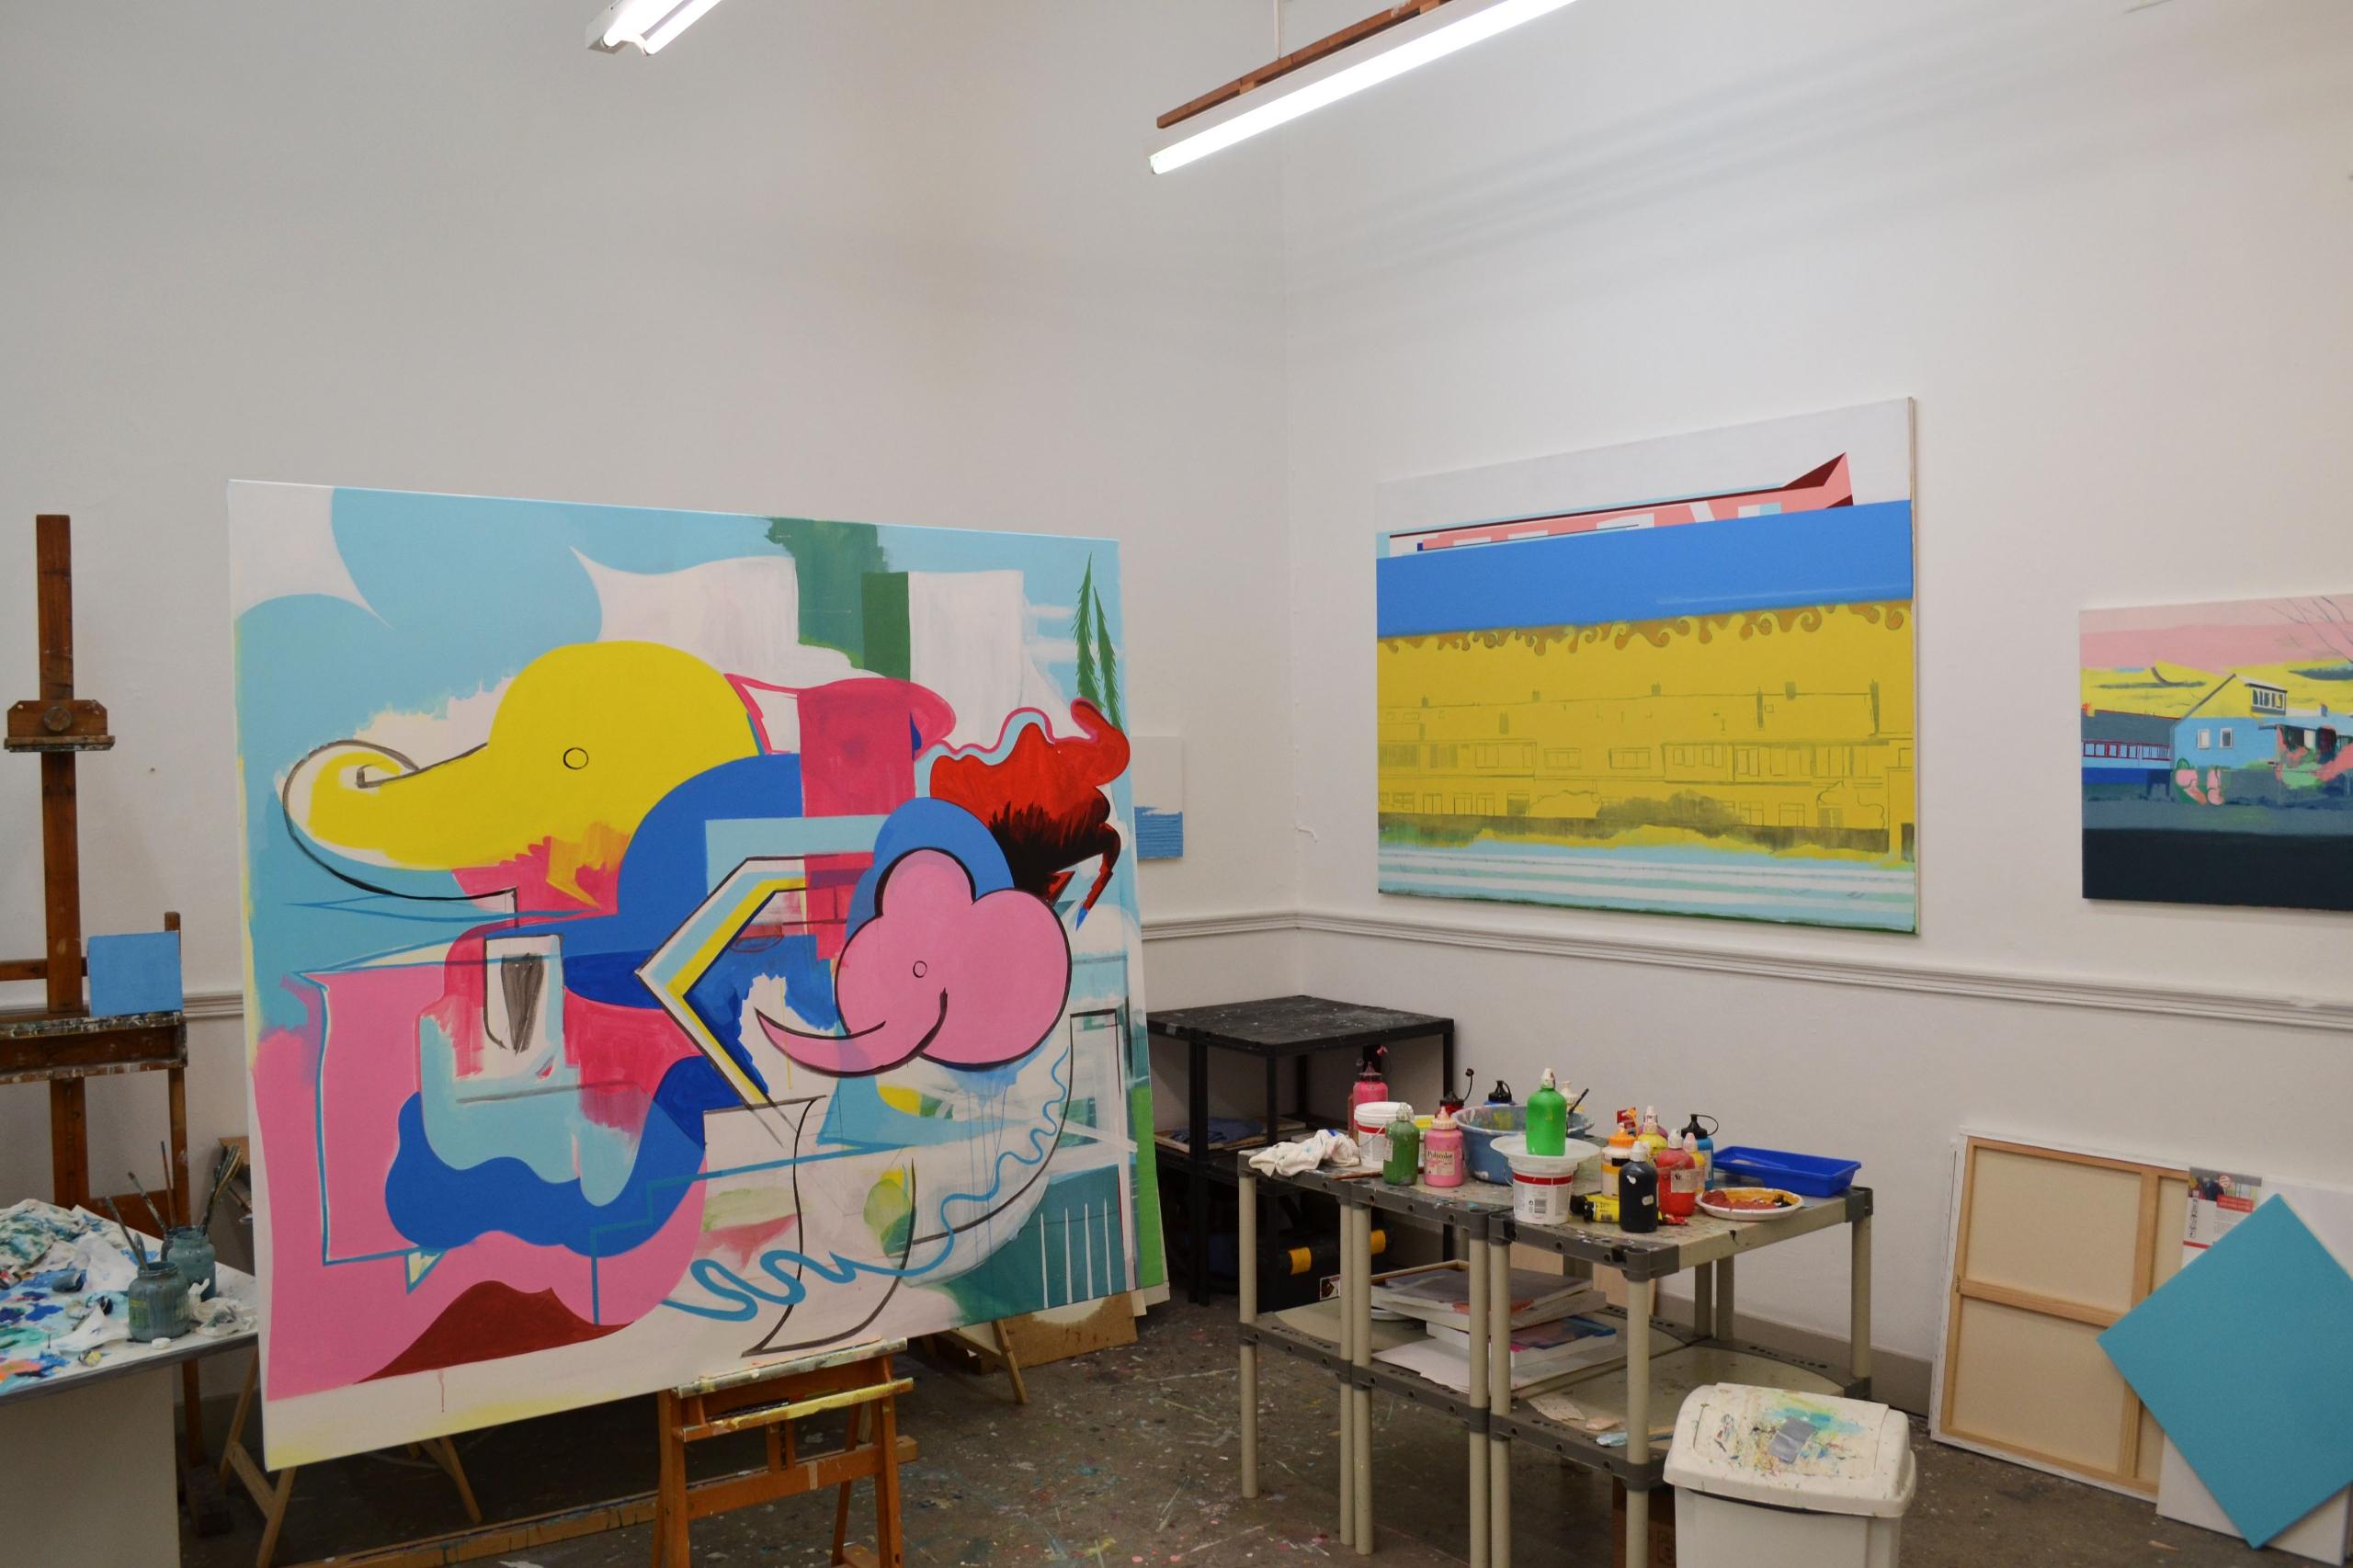 Studio View 7-3-2017 - painting - albertzwaan | ello